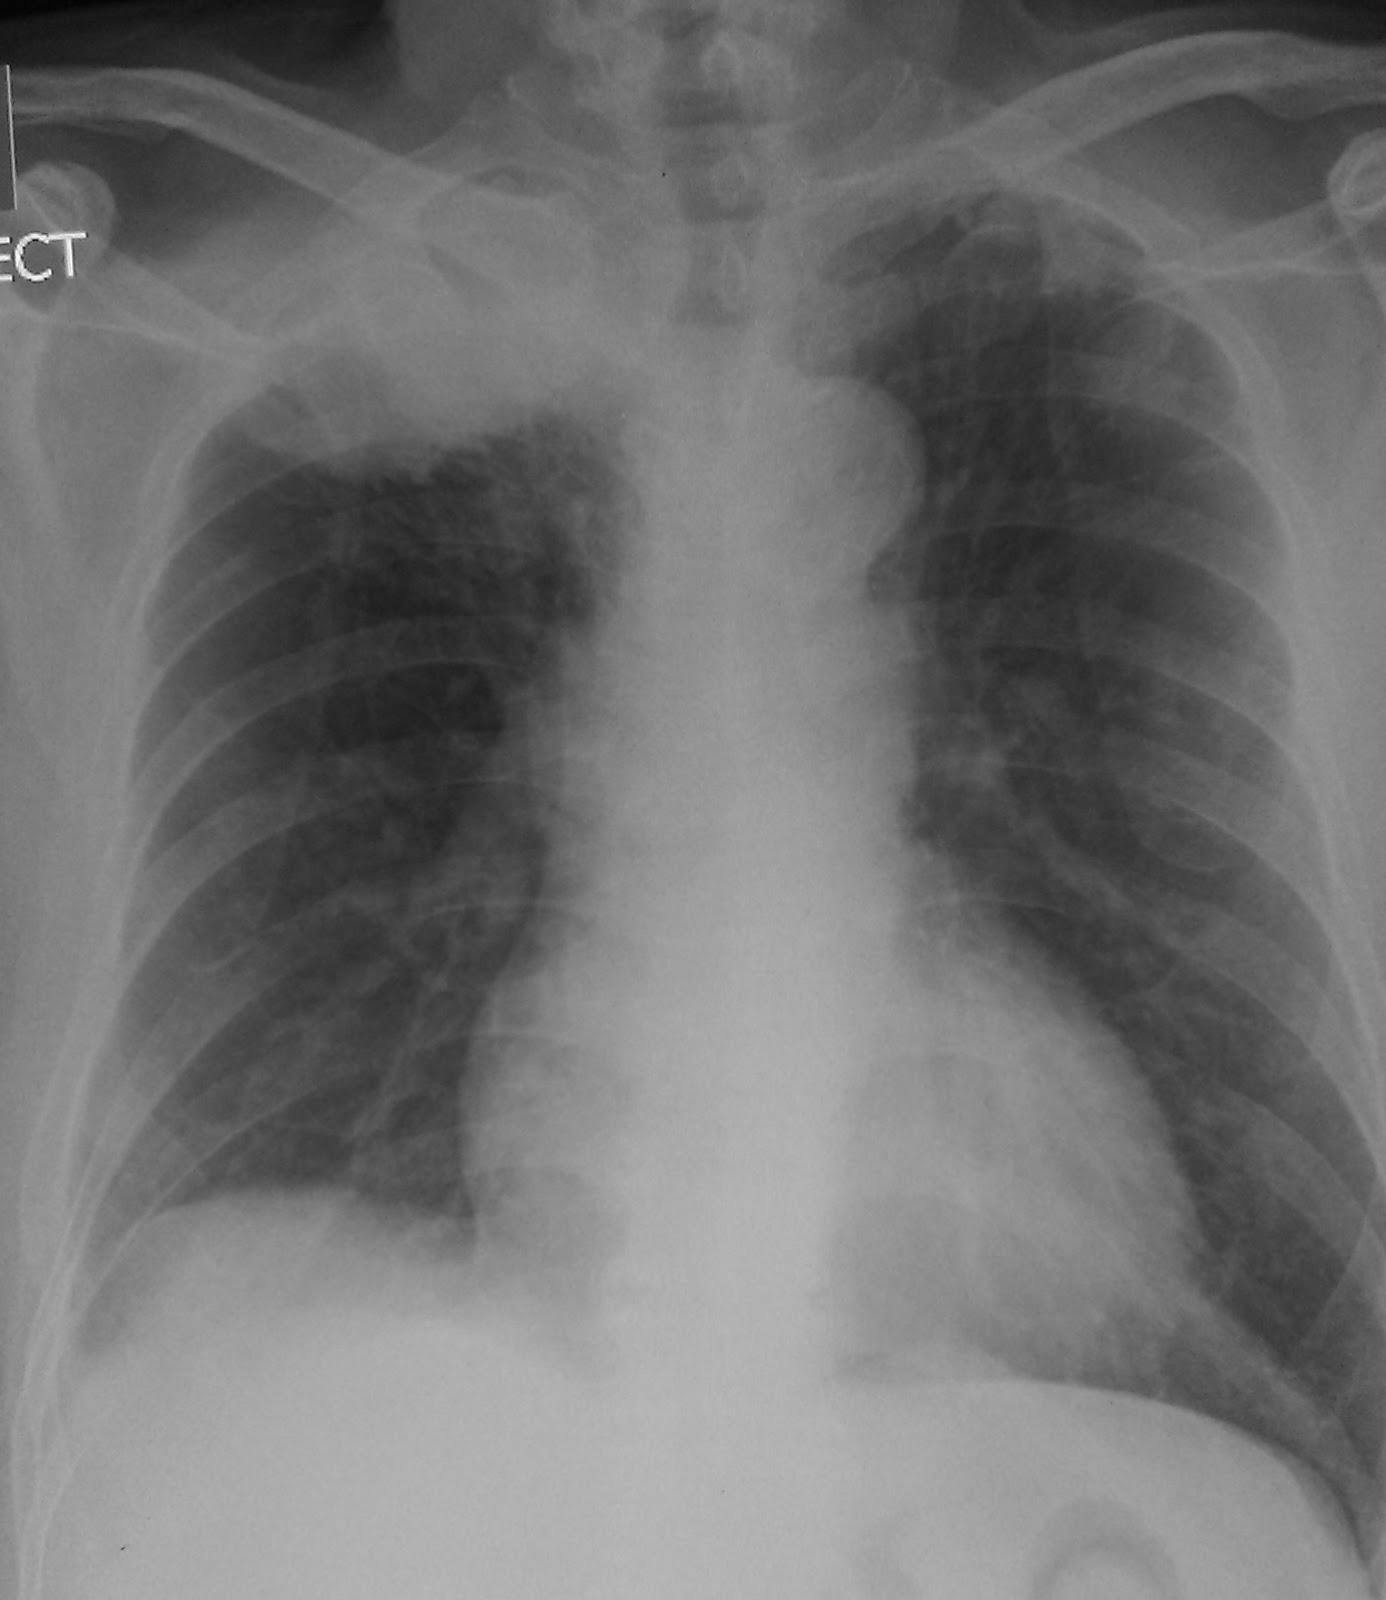 Learning Chest Radiology: Case 184 - Pancoast tumour